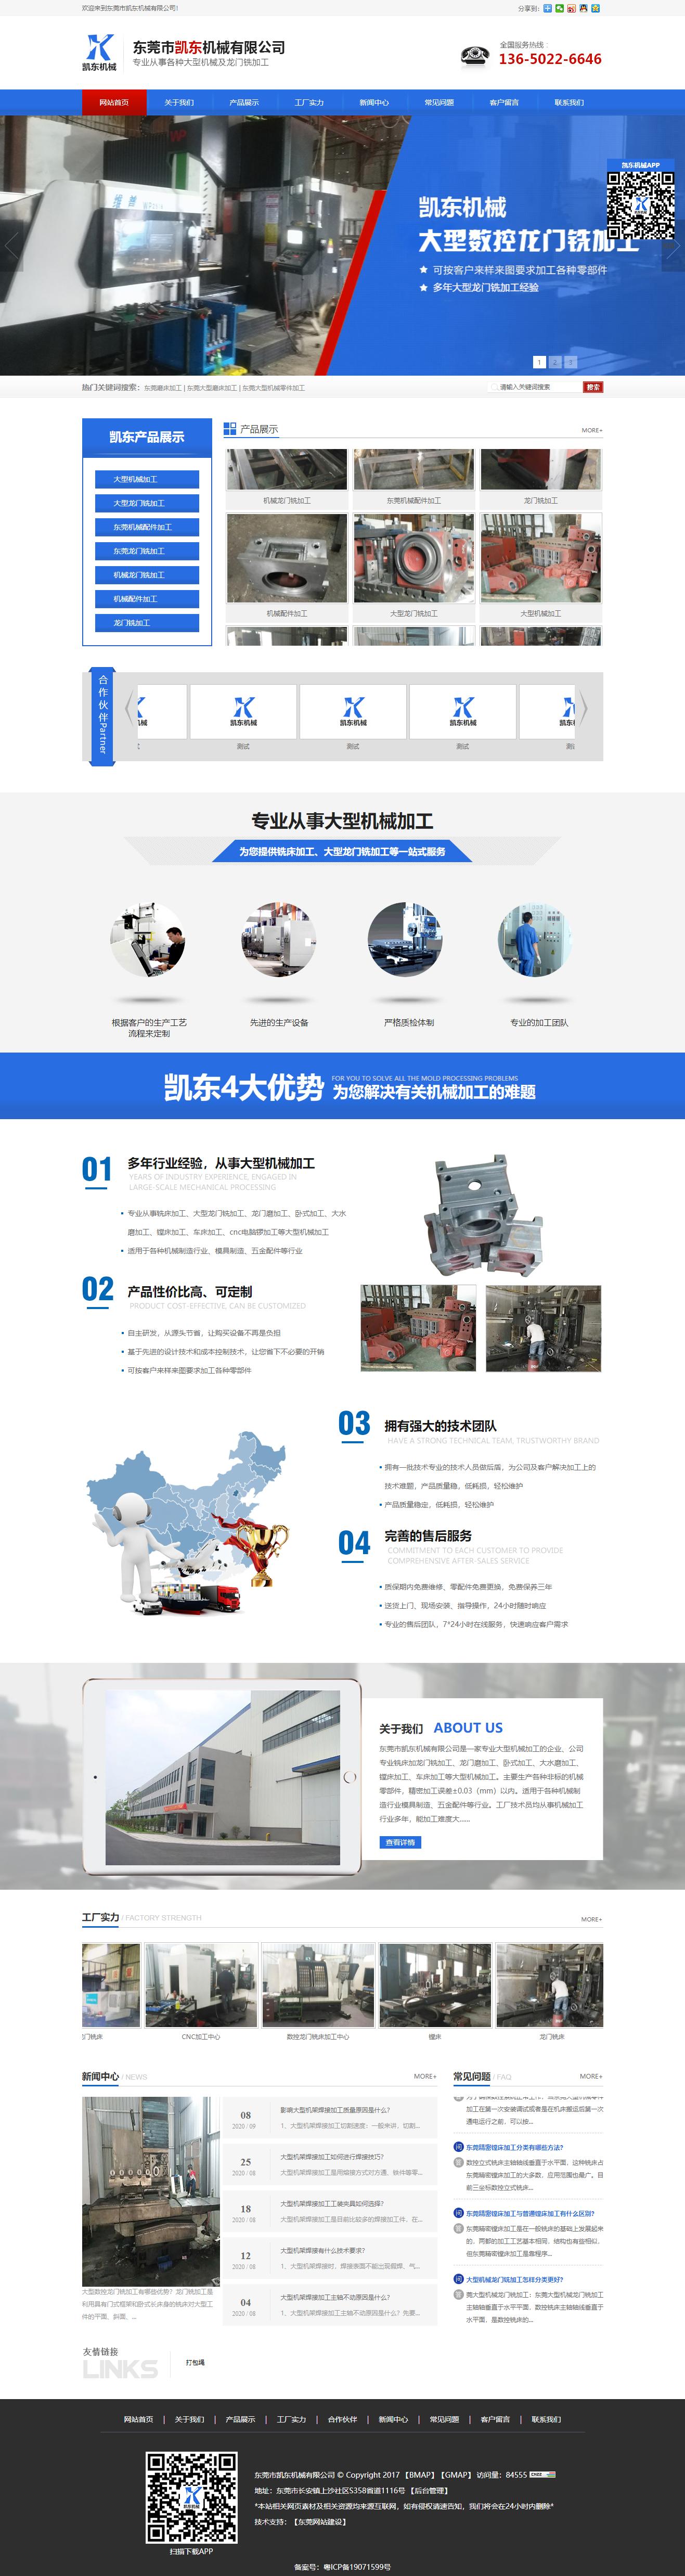 东莞市凯东机械有限公司网站案例